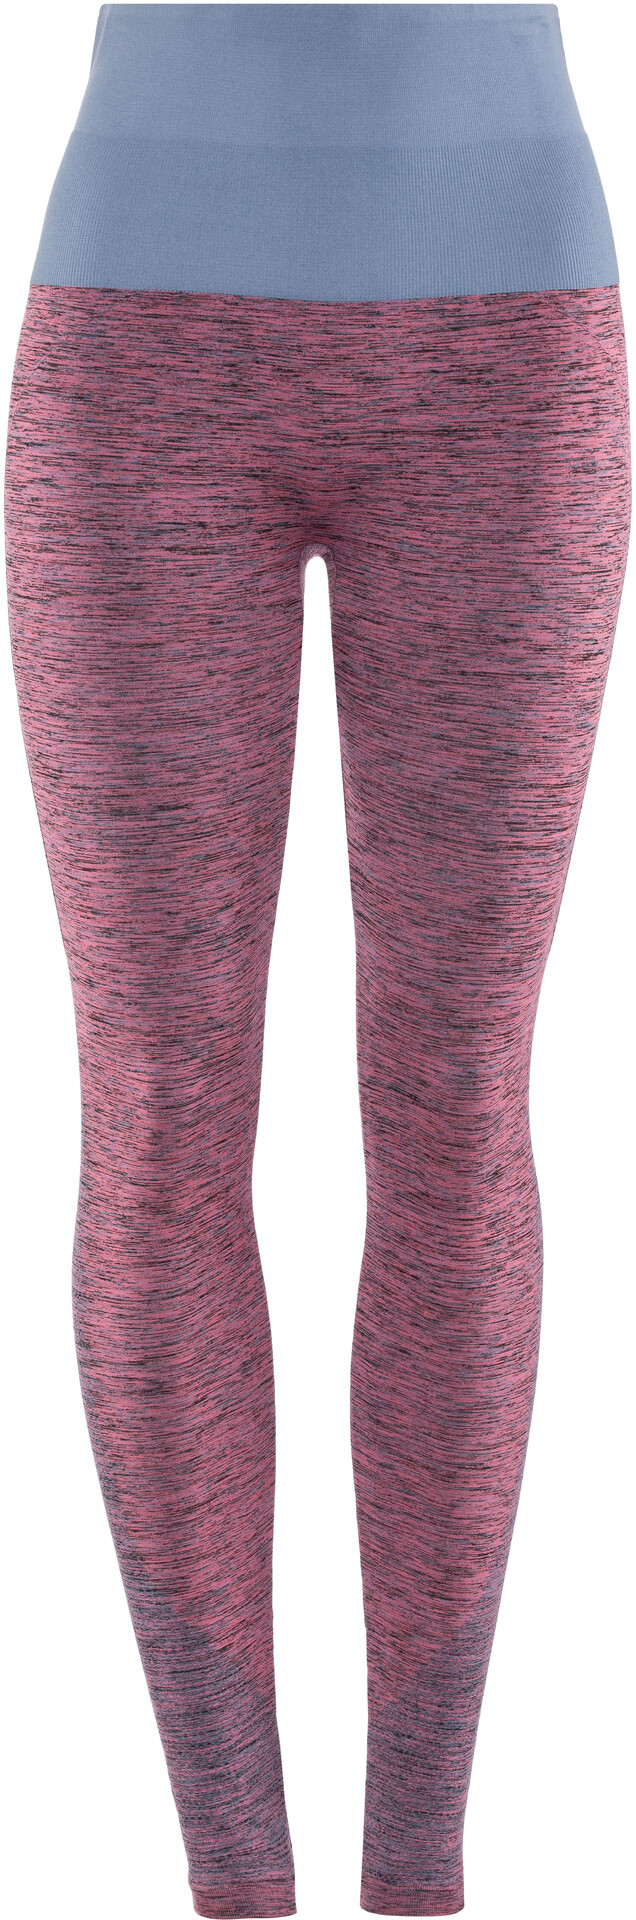 Kidneykaren Yoga Housut Naiset, pink patrole uskomattomaan